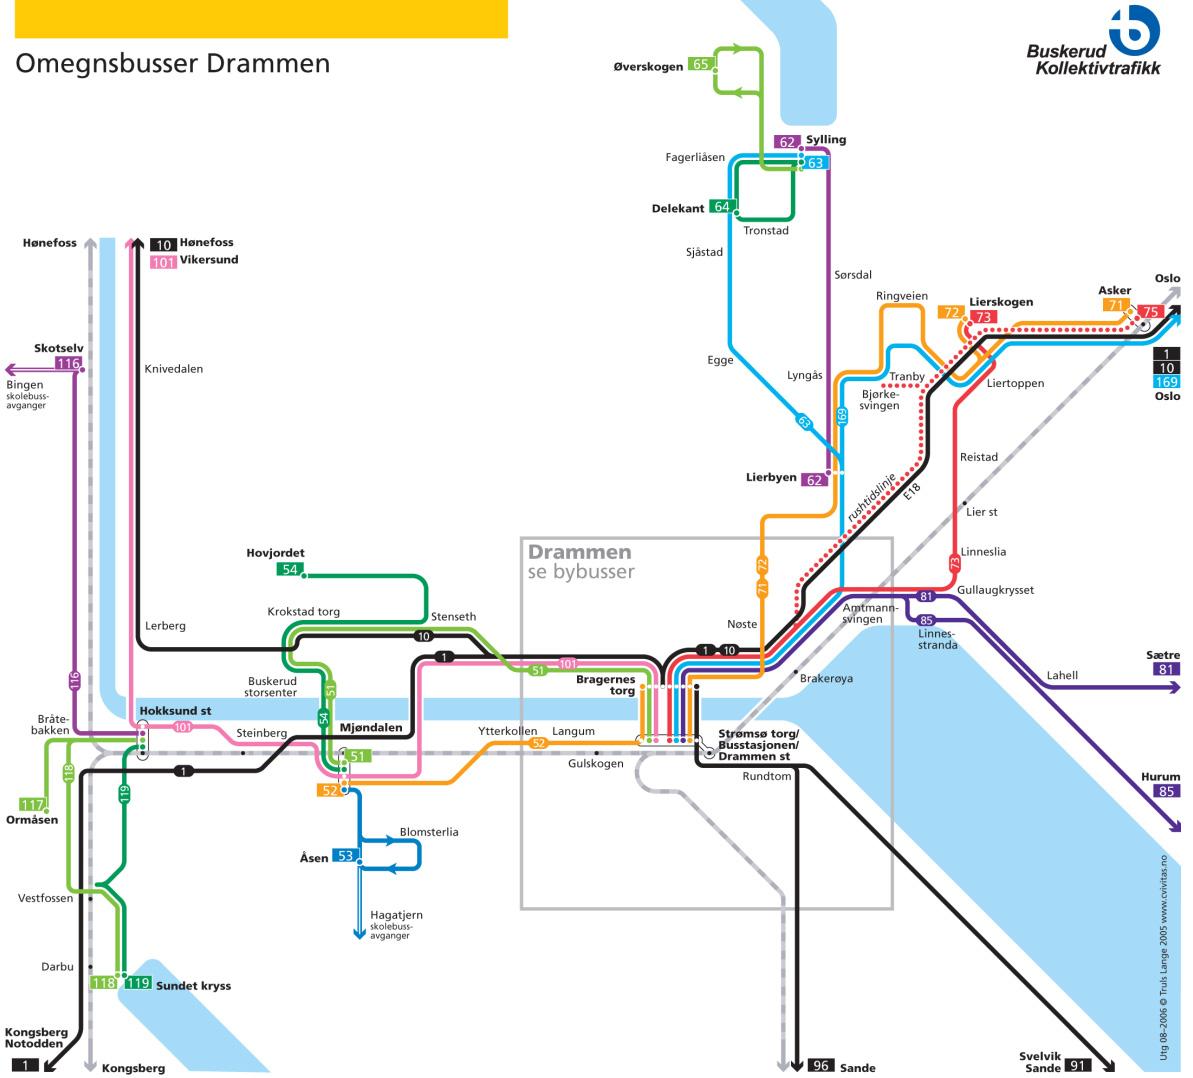 kart bussruter oslo Unnskyld, hvordan kommer jeg meg til Lierbyen? kart bussruter oslo